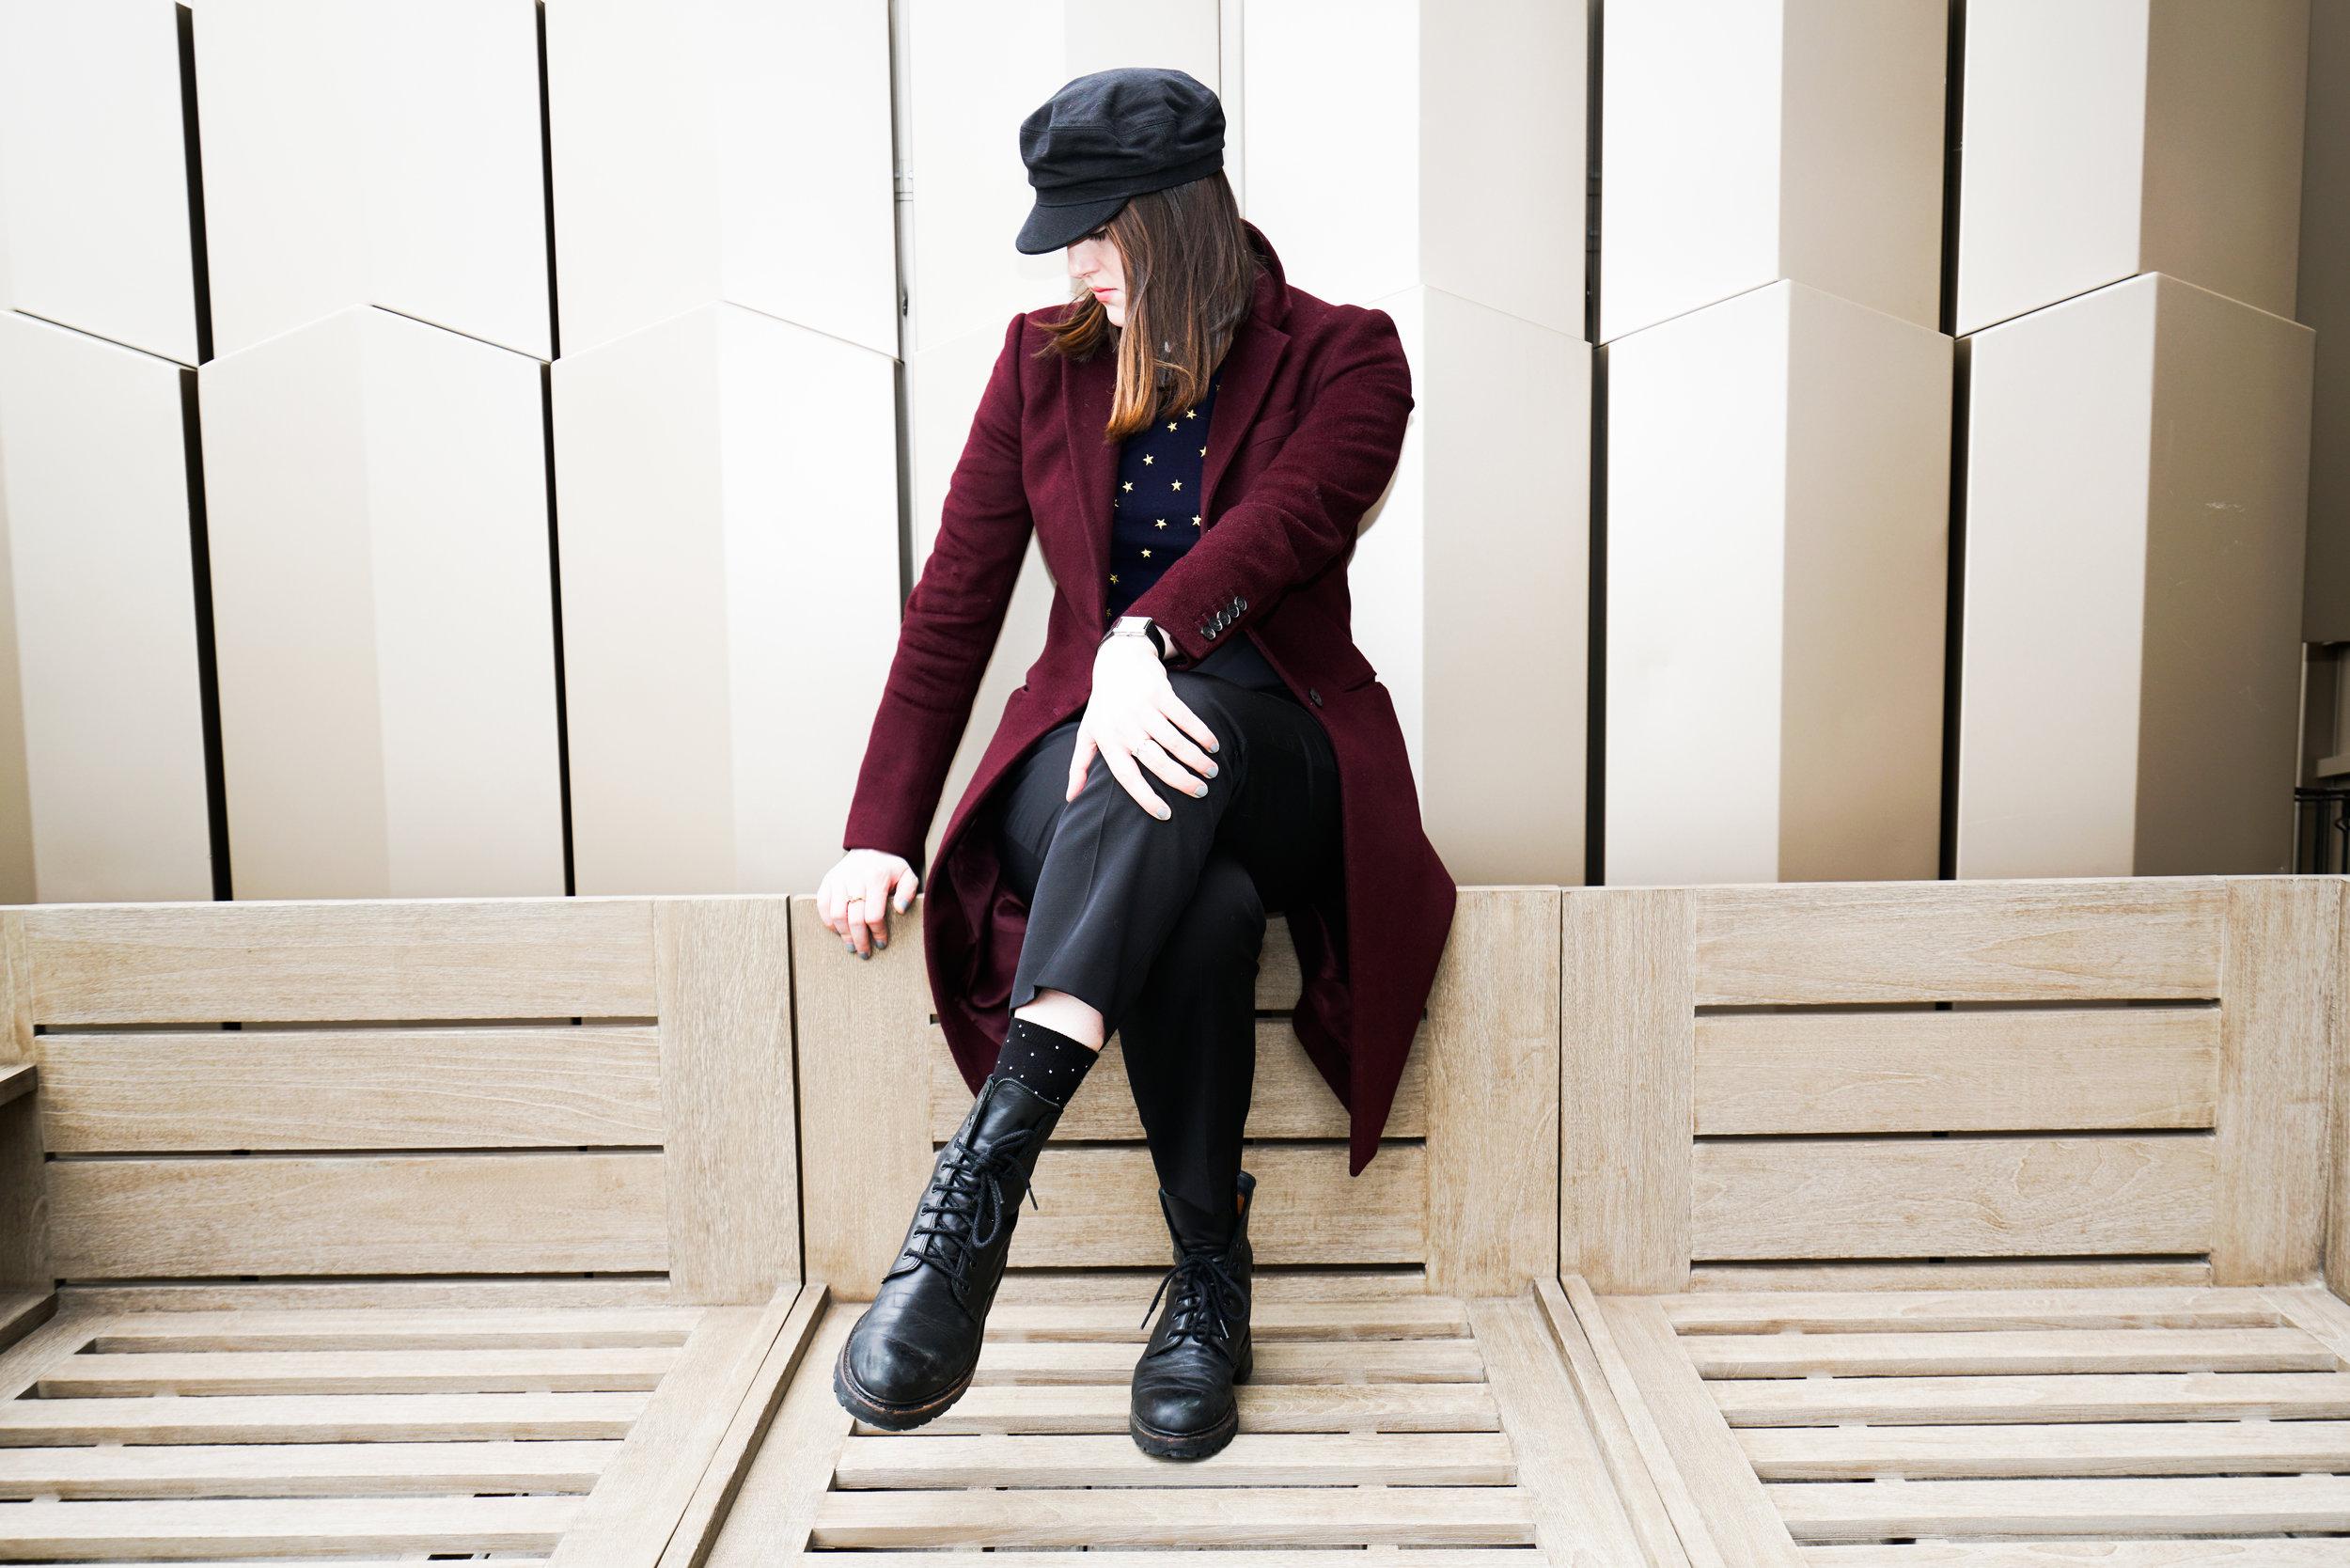 Rich & Minimal - A twist on menswear minimalism, anchored by a rich shade of Burgundy